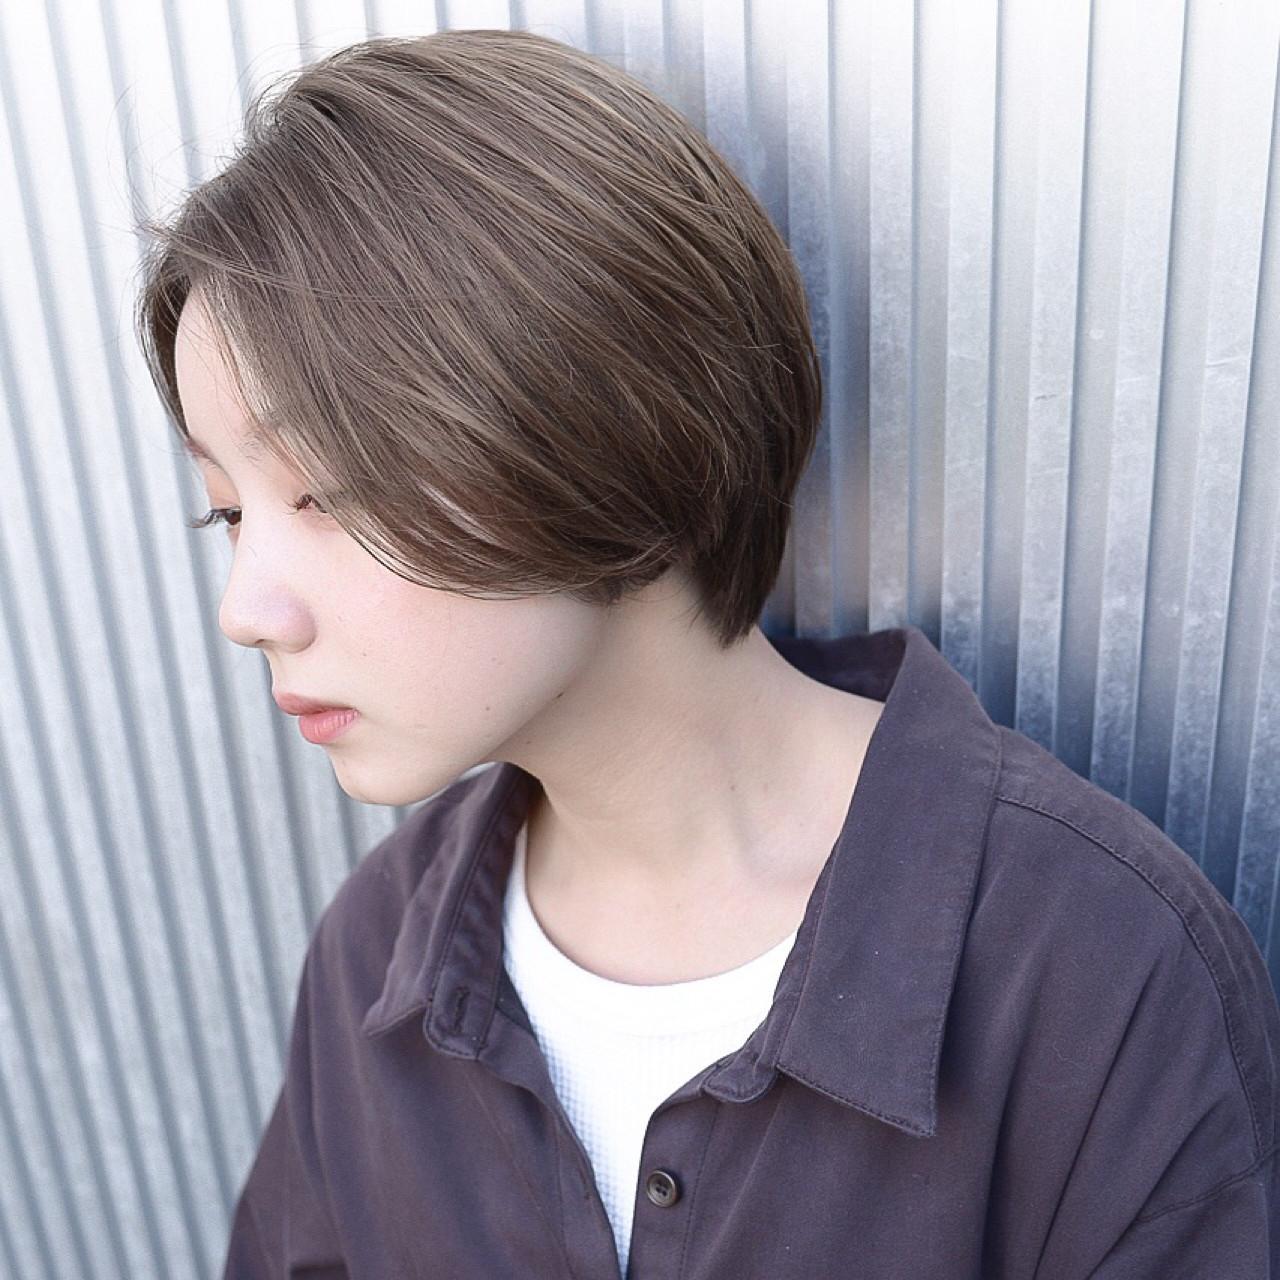 透明感 ナチュラル ショート アッシュ ヘアスタイルや髪型の写真・画像 | 萩原 翔志也/ブリーチなしグレージュ/ストレート / Vicca 青山